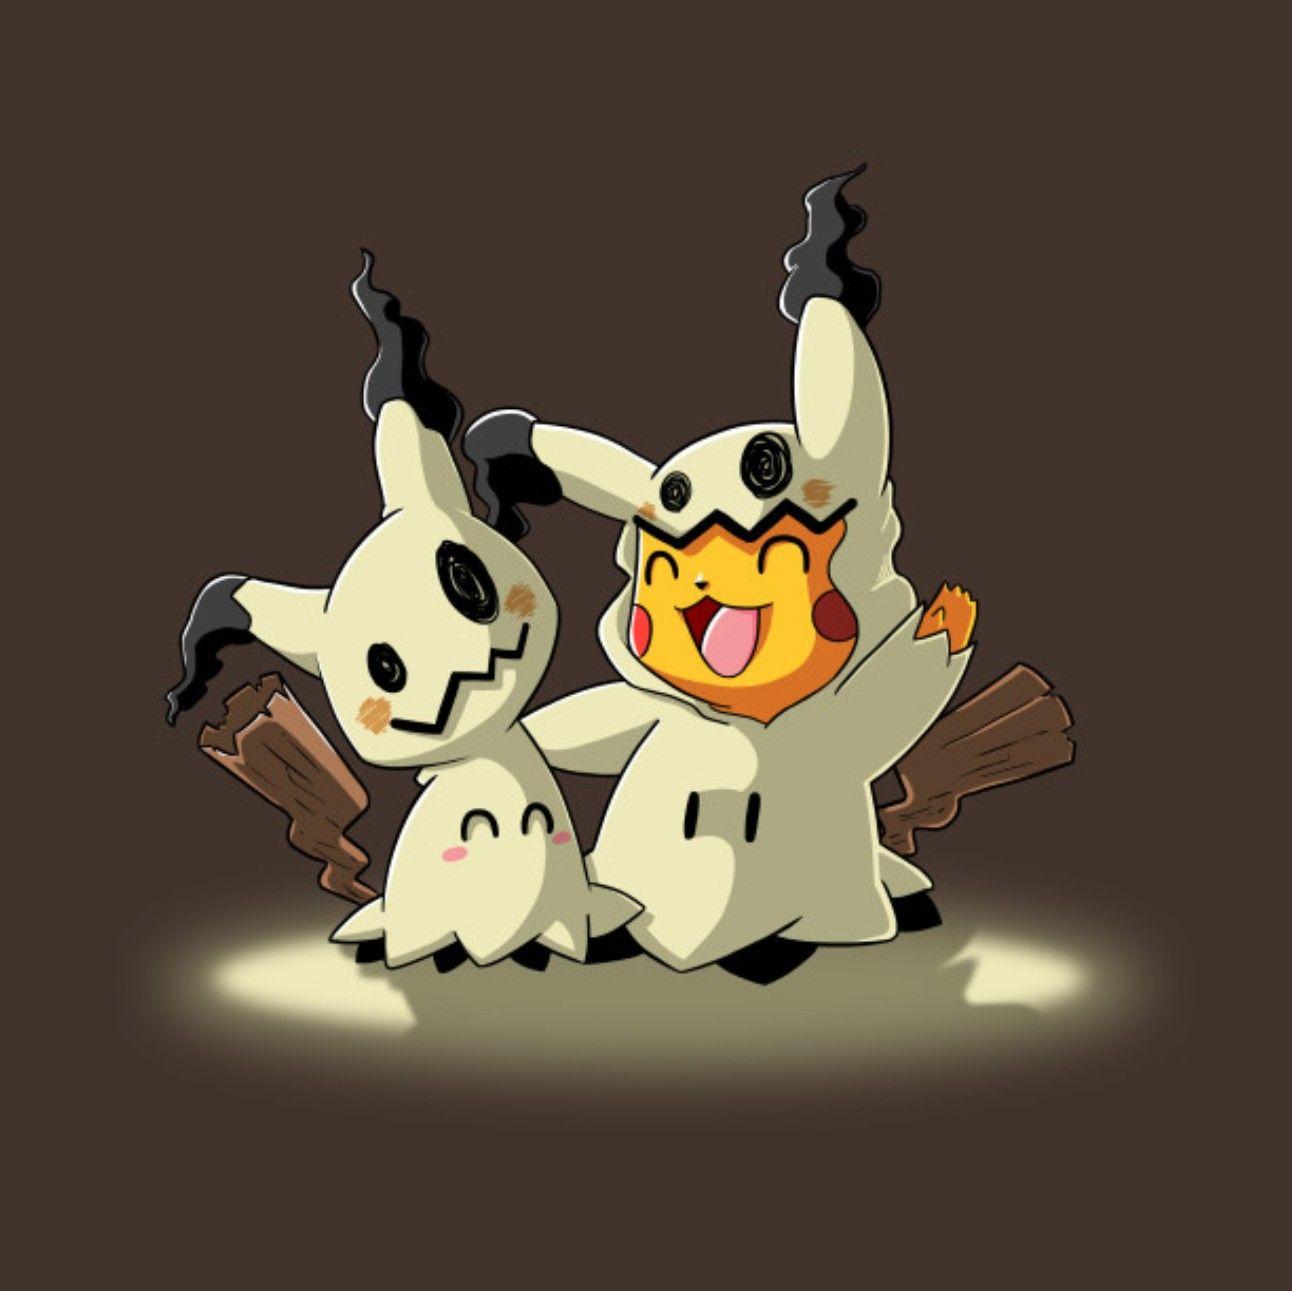 46163e59e0 Pikachu   Mimikyu